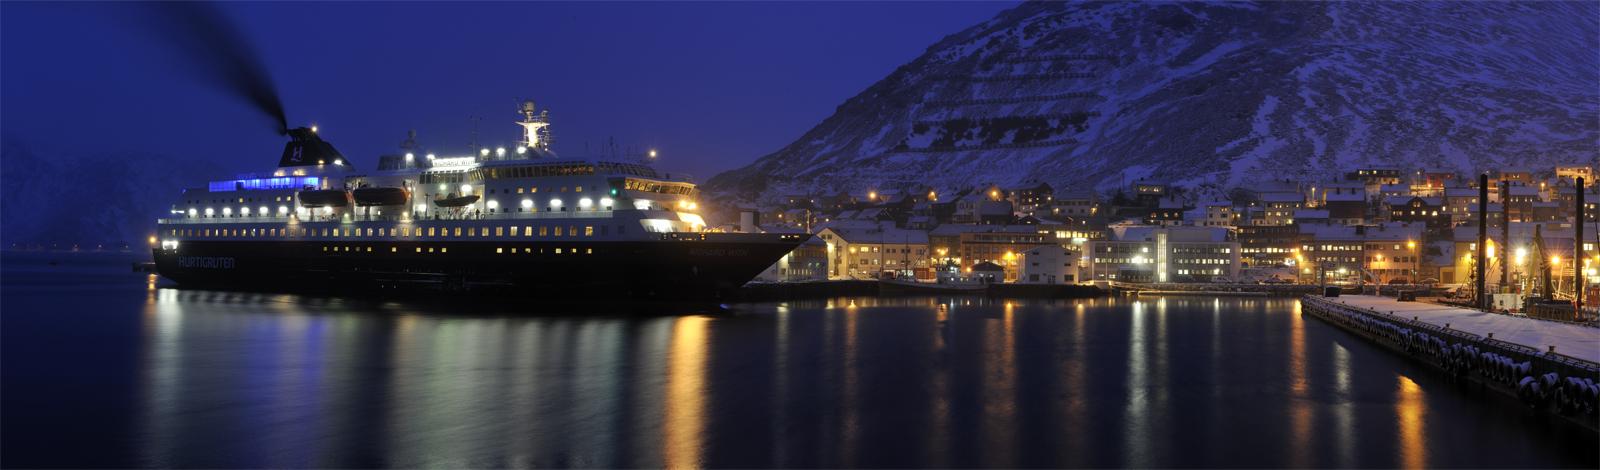 Hurtigruten in Honnigsvag, Norwegen